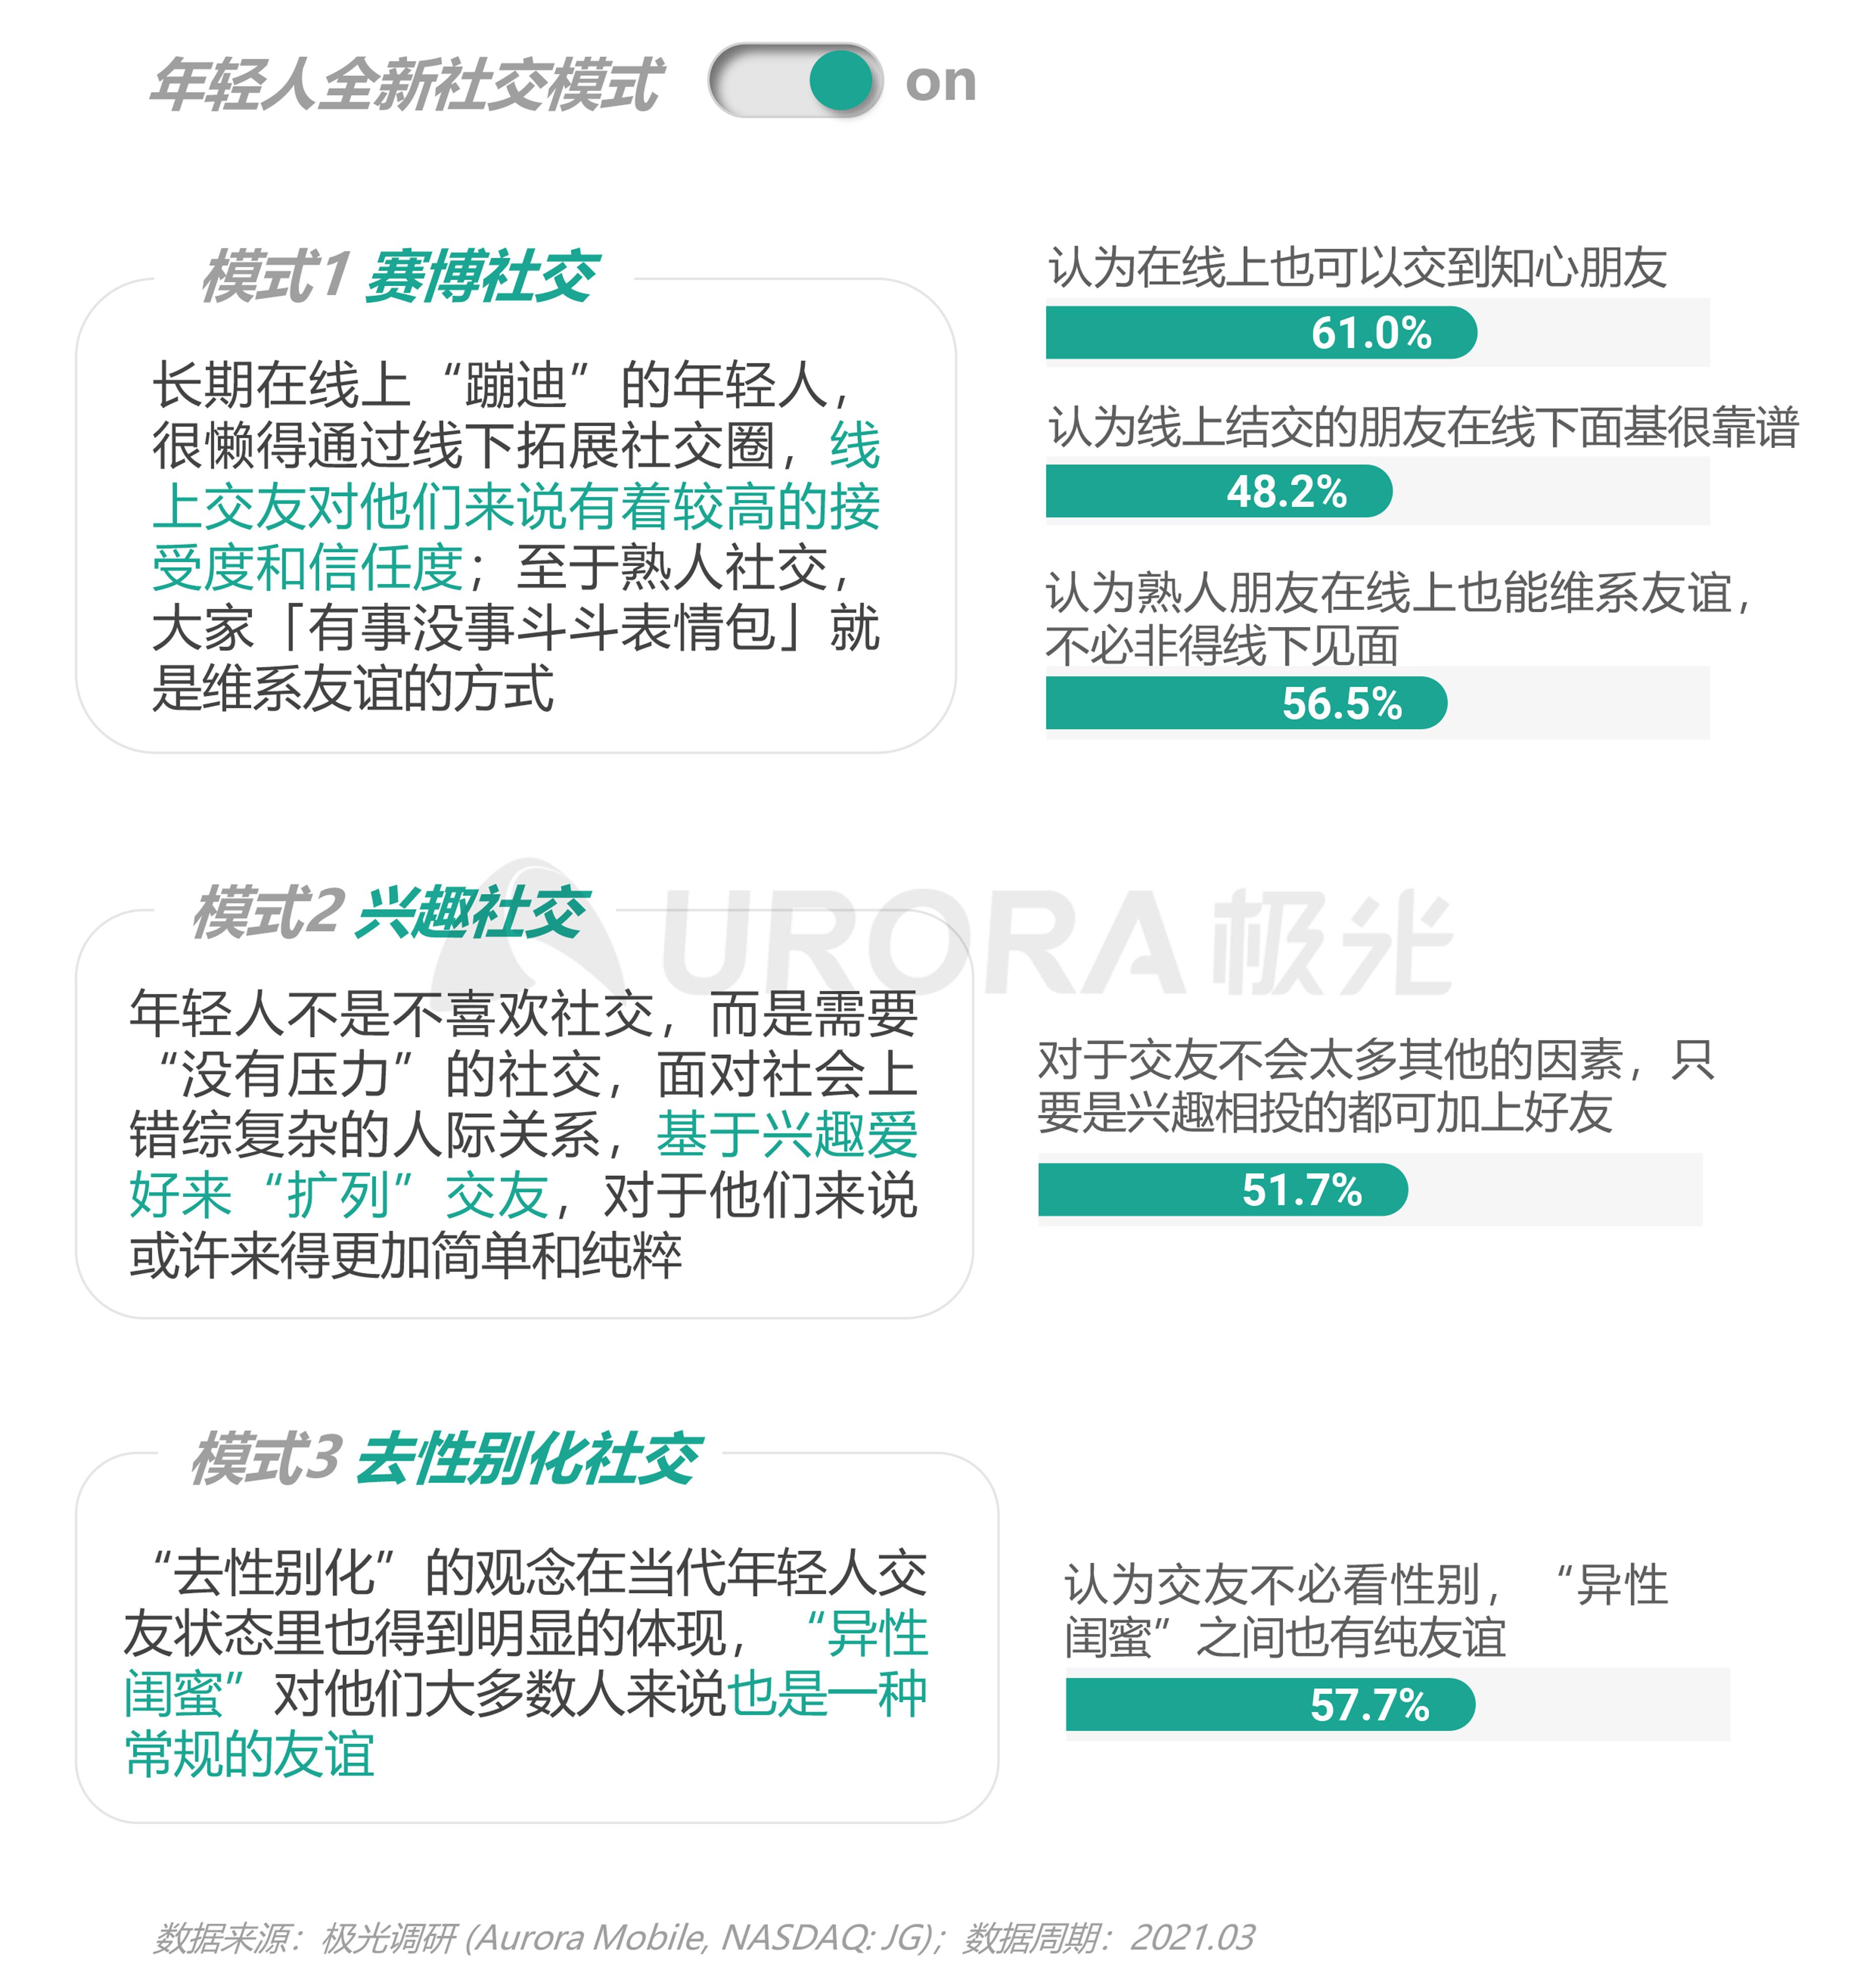 2021年轻人营销趋势研究报告【定稿】-13.png